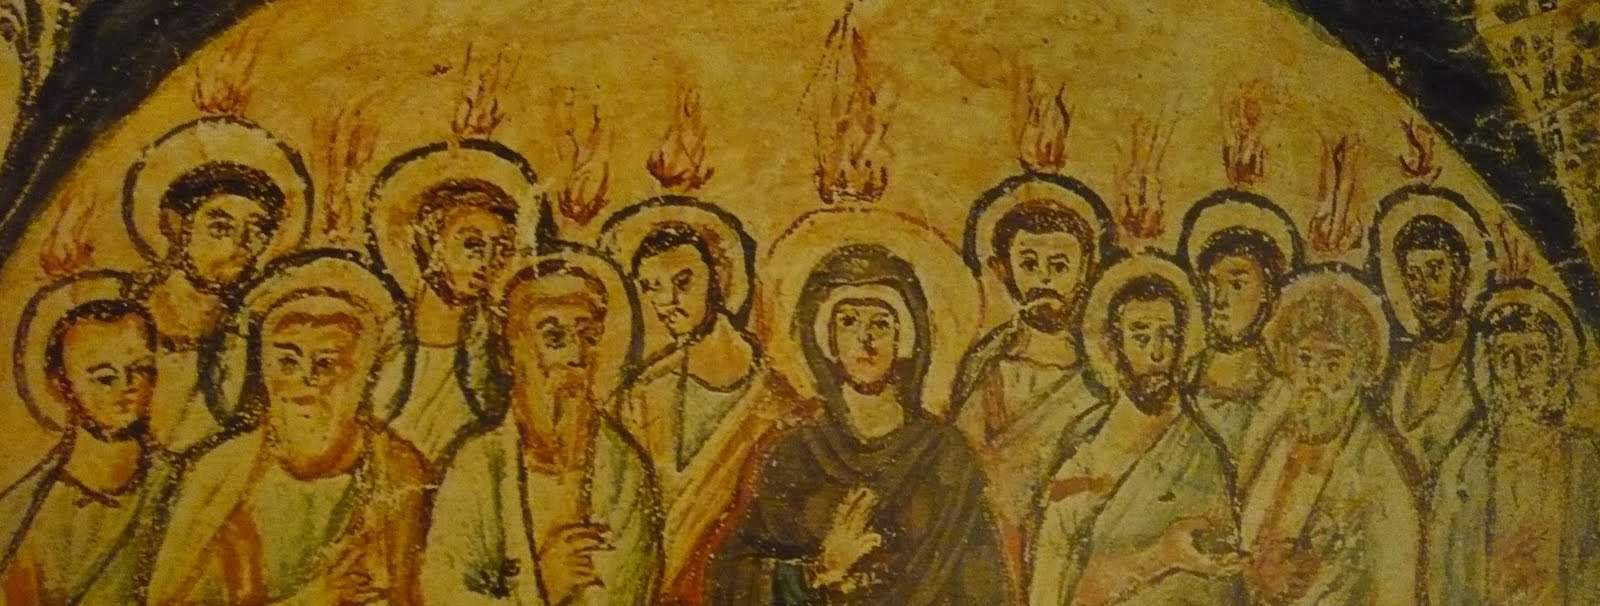 Ziua Cincizecimii (Duminica Mare)